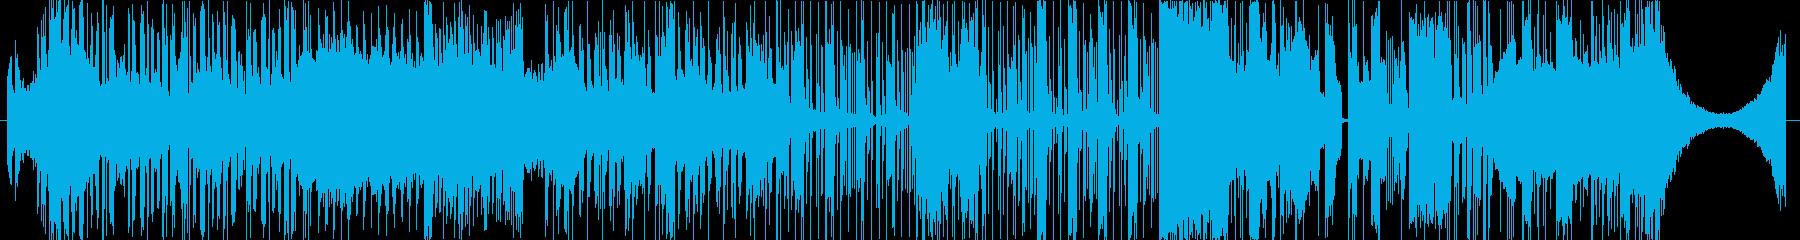 アップテンポで派手なTrap曲の再生済みの波形